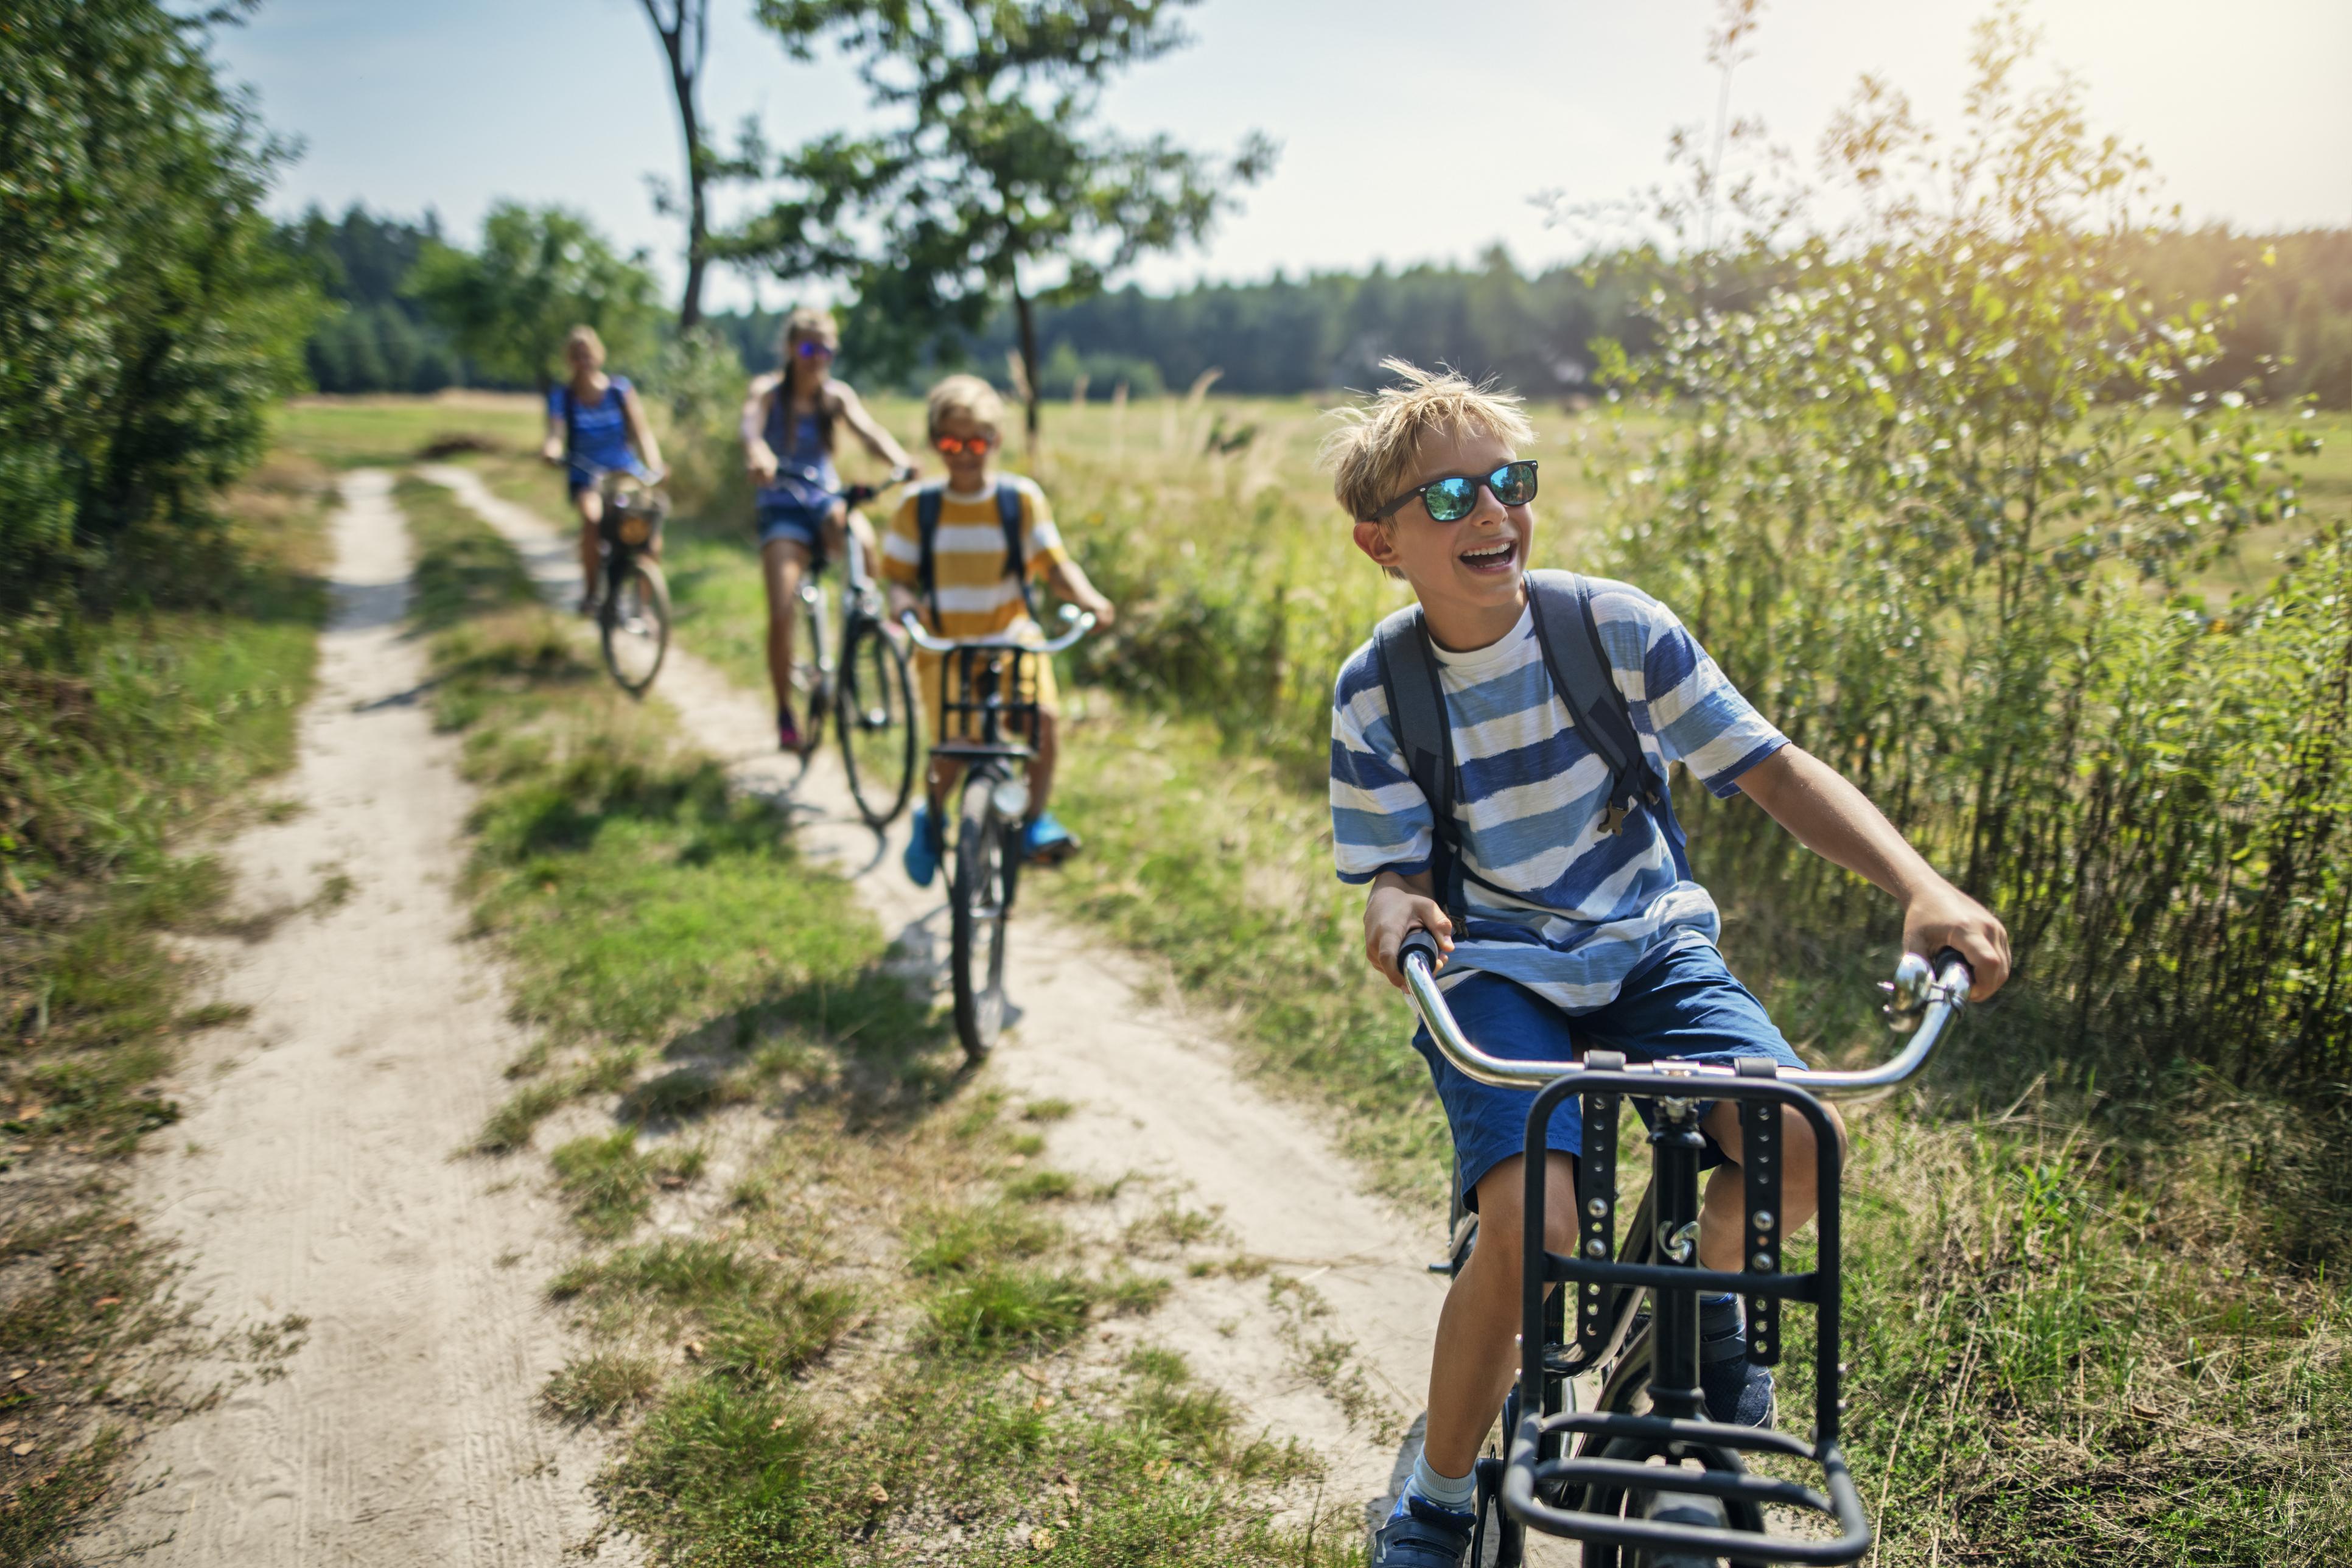 Main image of article: Comment préparer ses vacances en famille ?